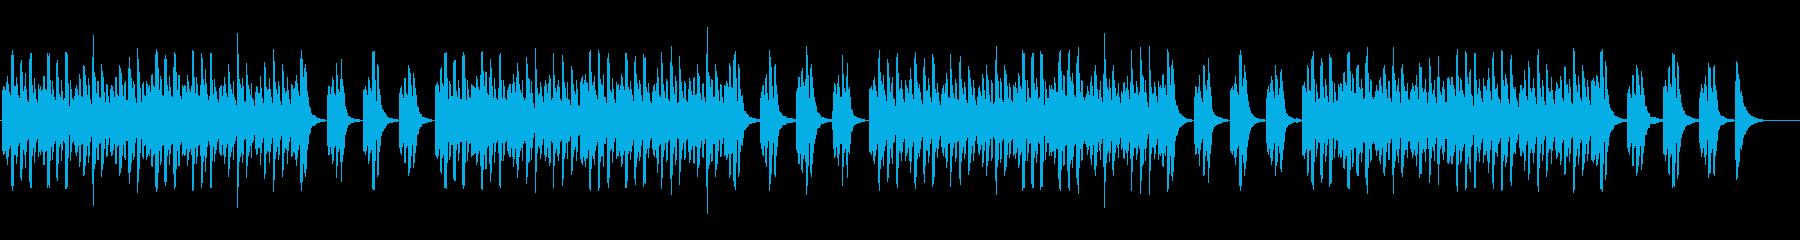 ナレーション邪魔しないシンプルなマリンバの再生済みの波形